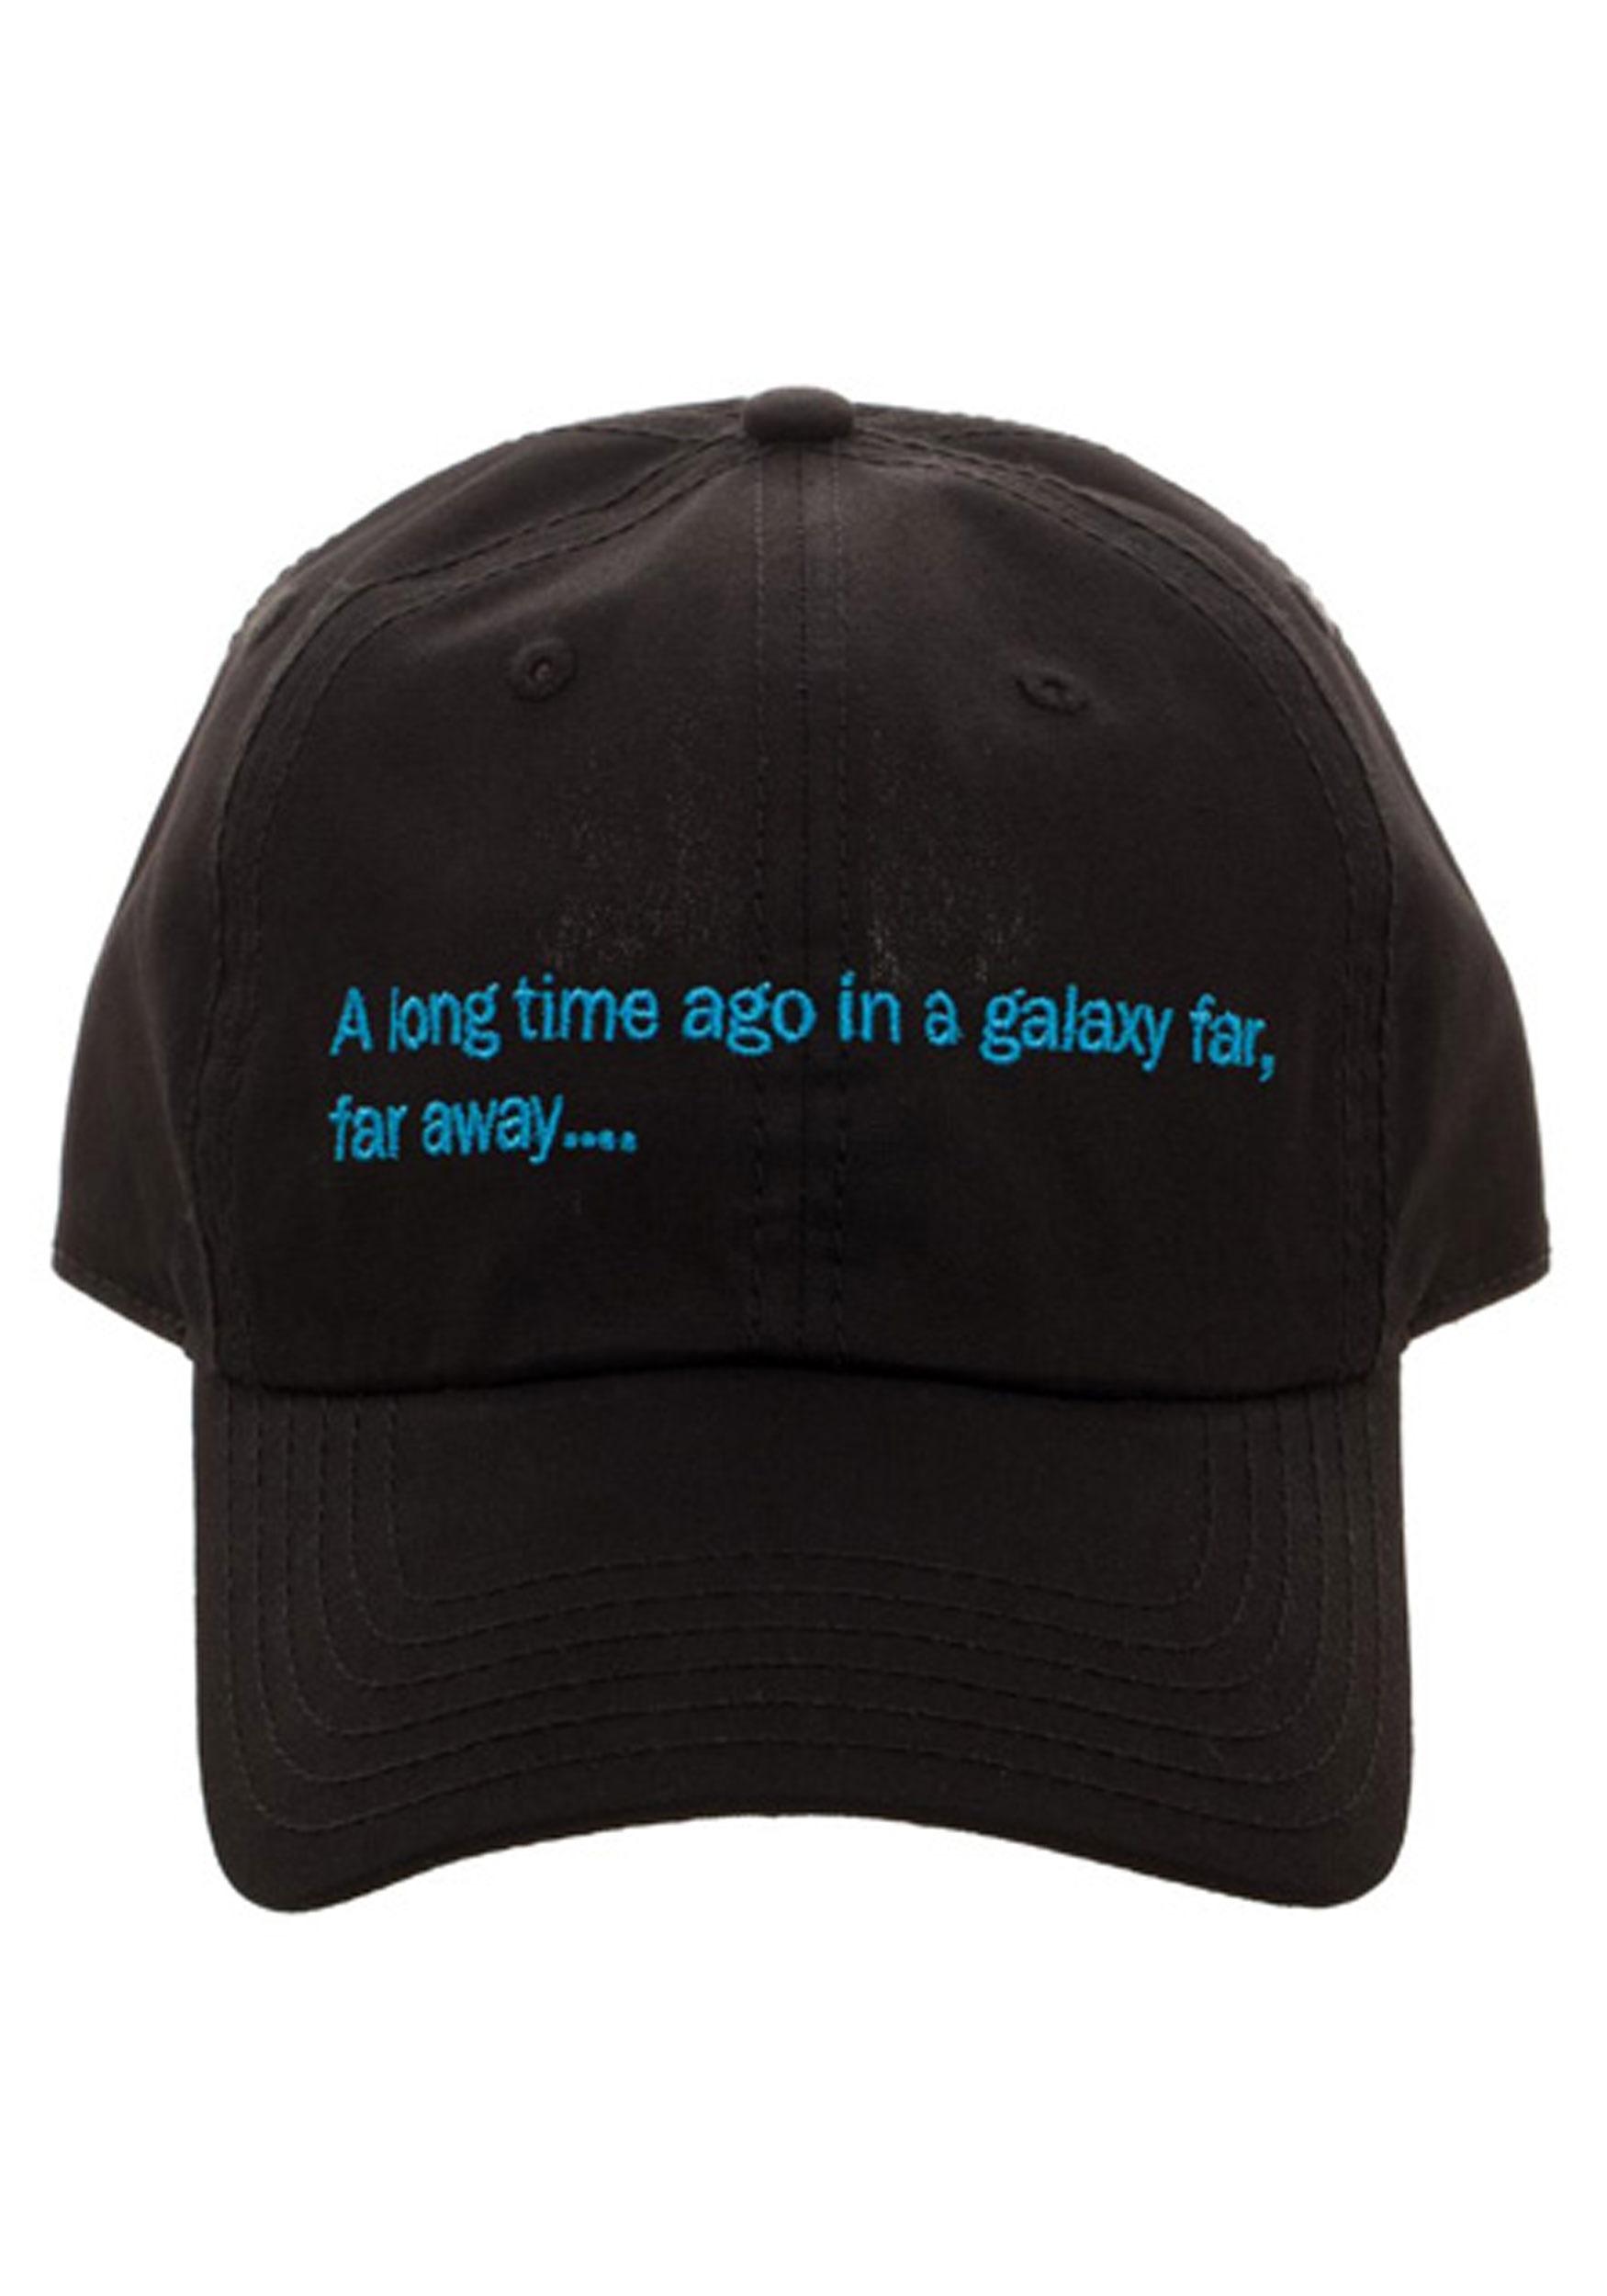 Star Wars A Long Time Ago Crawl Black Dad Hat1 2edf13c7f49